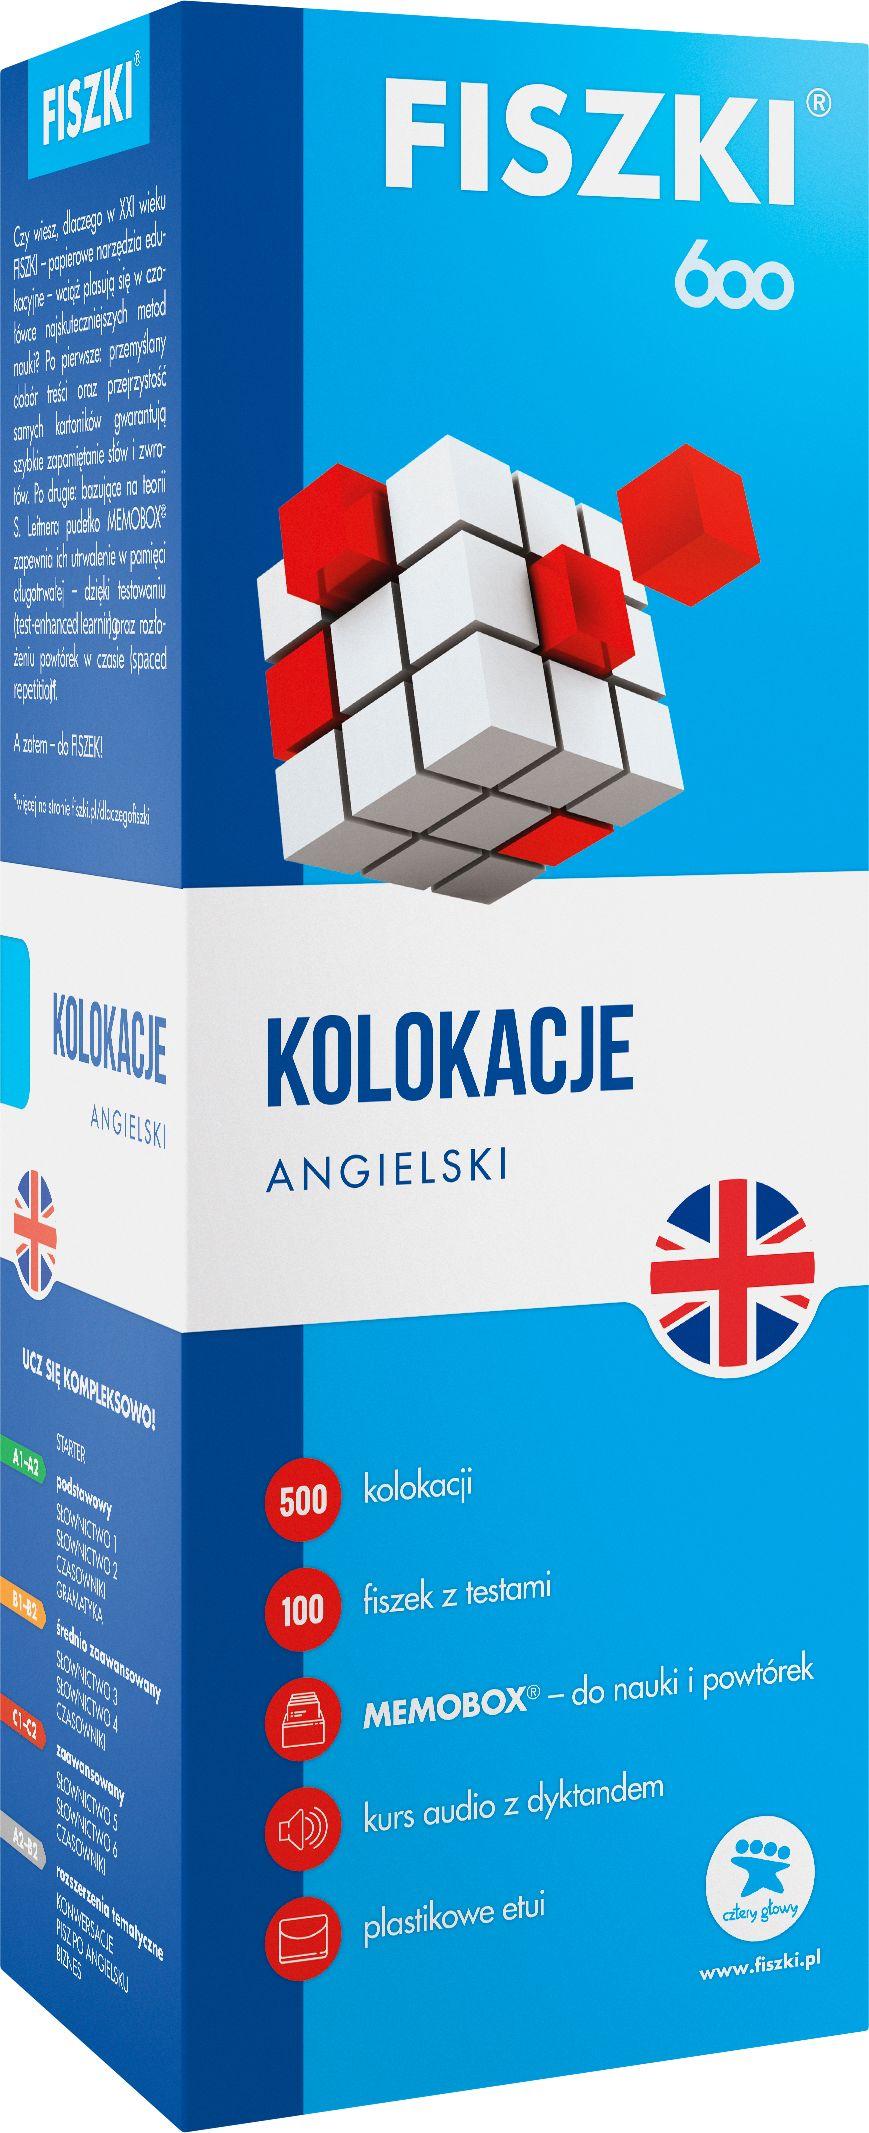 FISZKI - angielski - Kolokacje